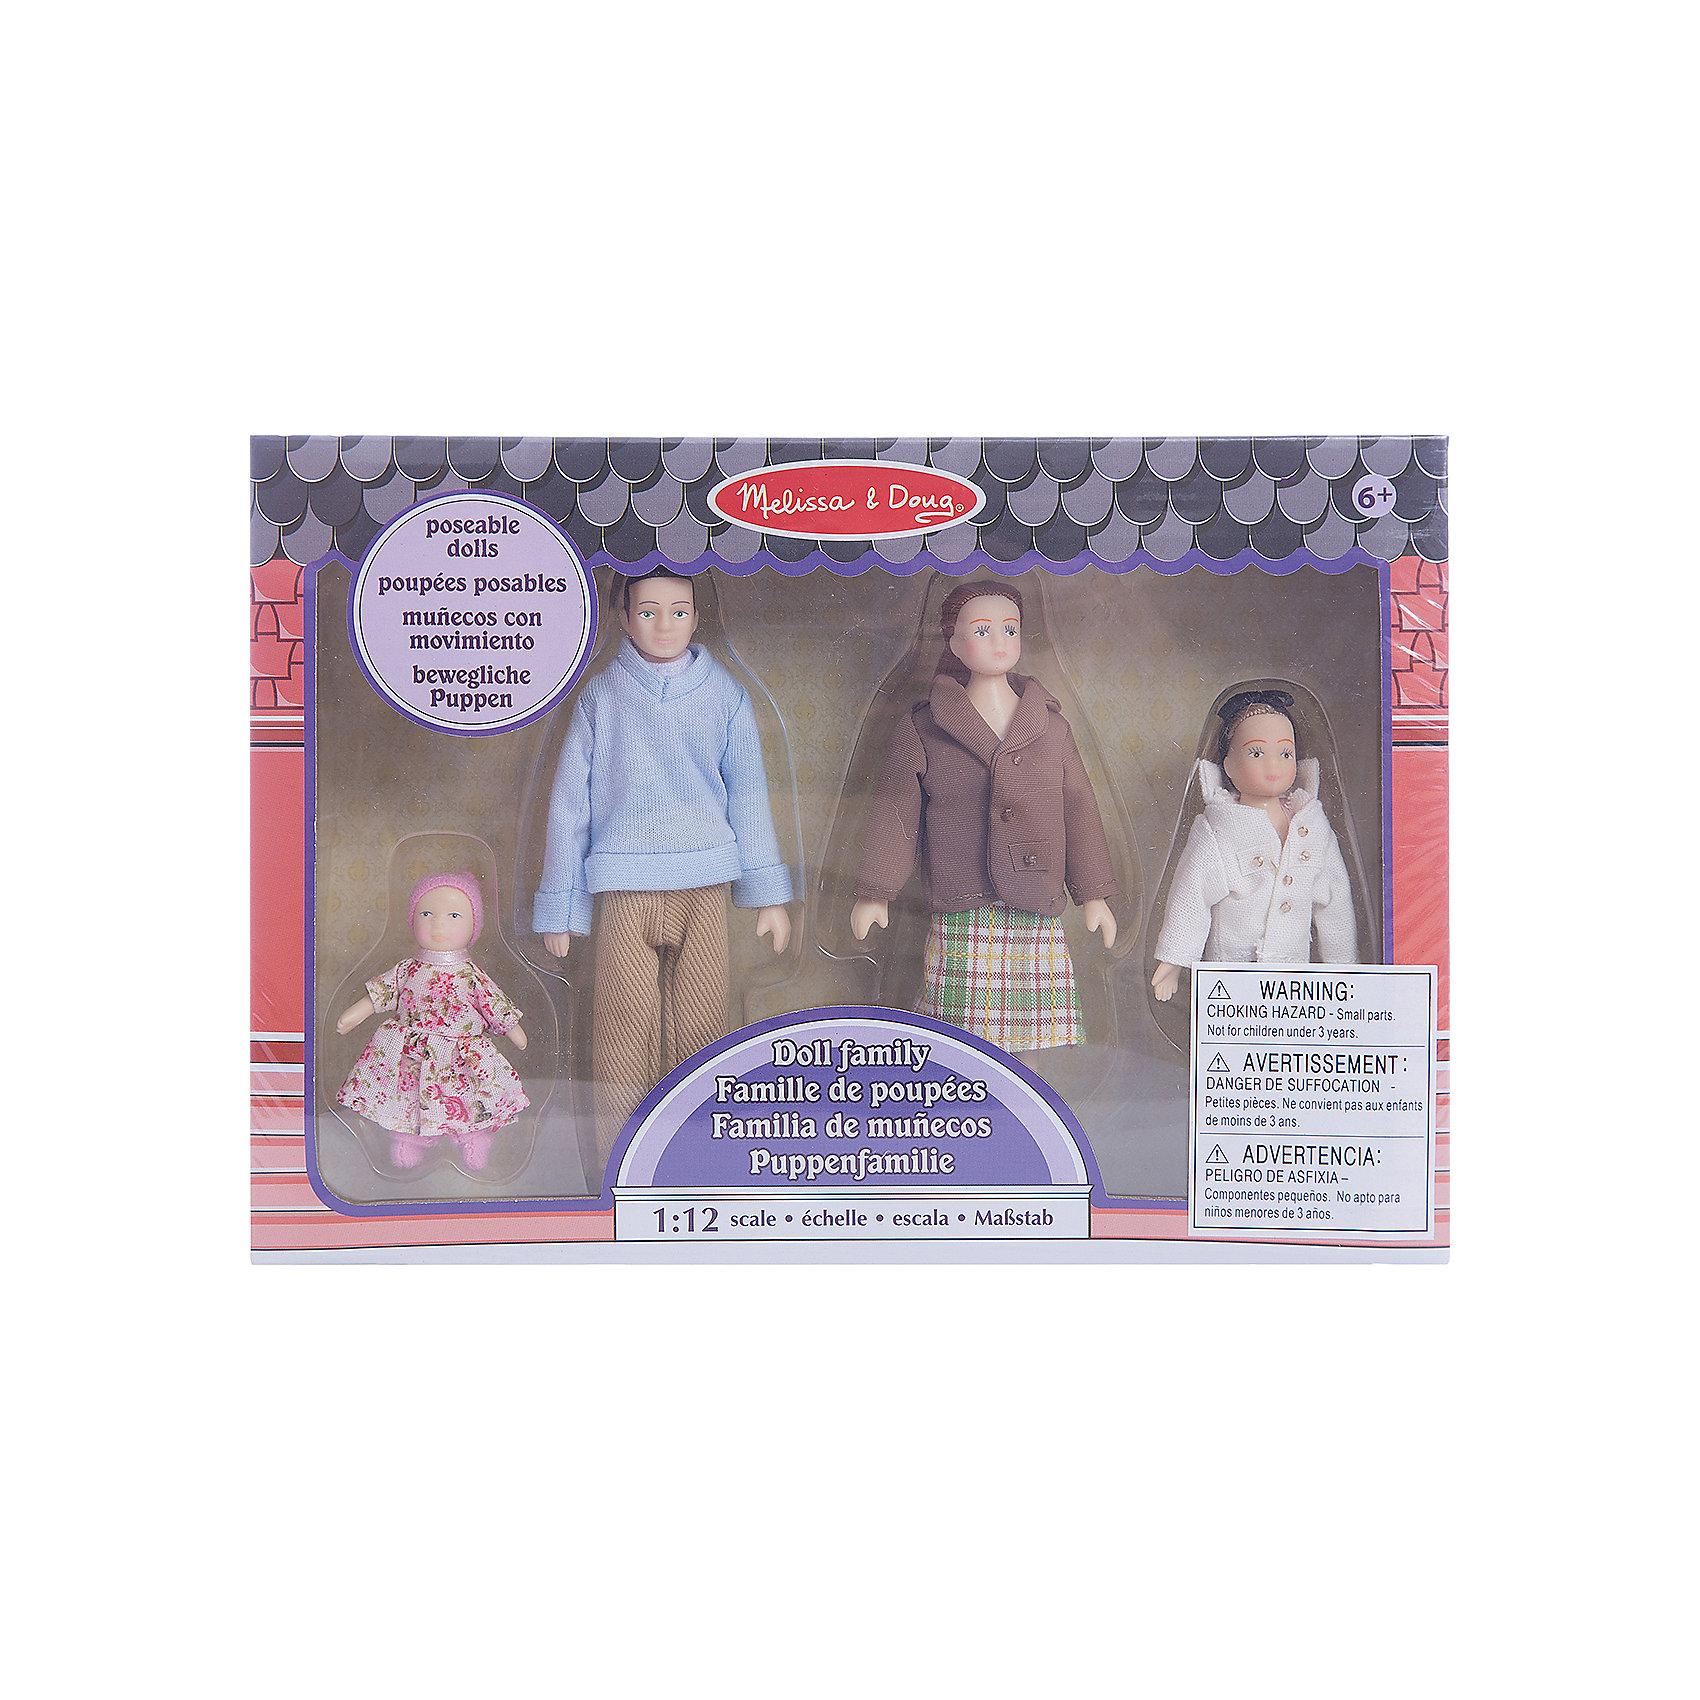 Куклы Семья (для викторианского дома), Melissa&amp;DougЭто милая семья, состоящая из мамы, папы и двух дочек,  ищет хороший дом. Руки  и ноги у виниловых кукол сгибаются! Набор  идеально подходит для всех кукольных домов в  масштабе 1:12<br><br>Ширина мм: 270<br>Глубина мм: 50<br>Высота мм: 190<br>Вес г: 275<br>Возраст от месяцев: 60<br>Возраст до месяцев: 192<br>Пол: Женский<br>Возраст: Детский<br>SKU: 4807391